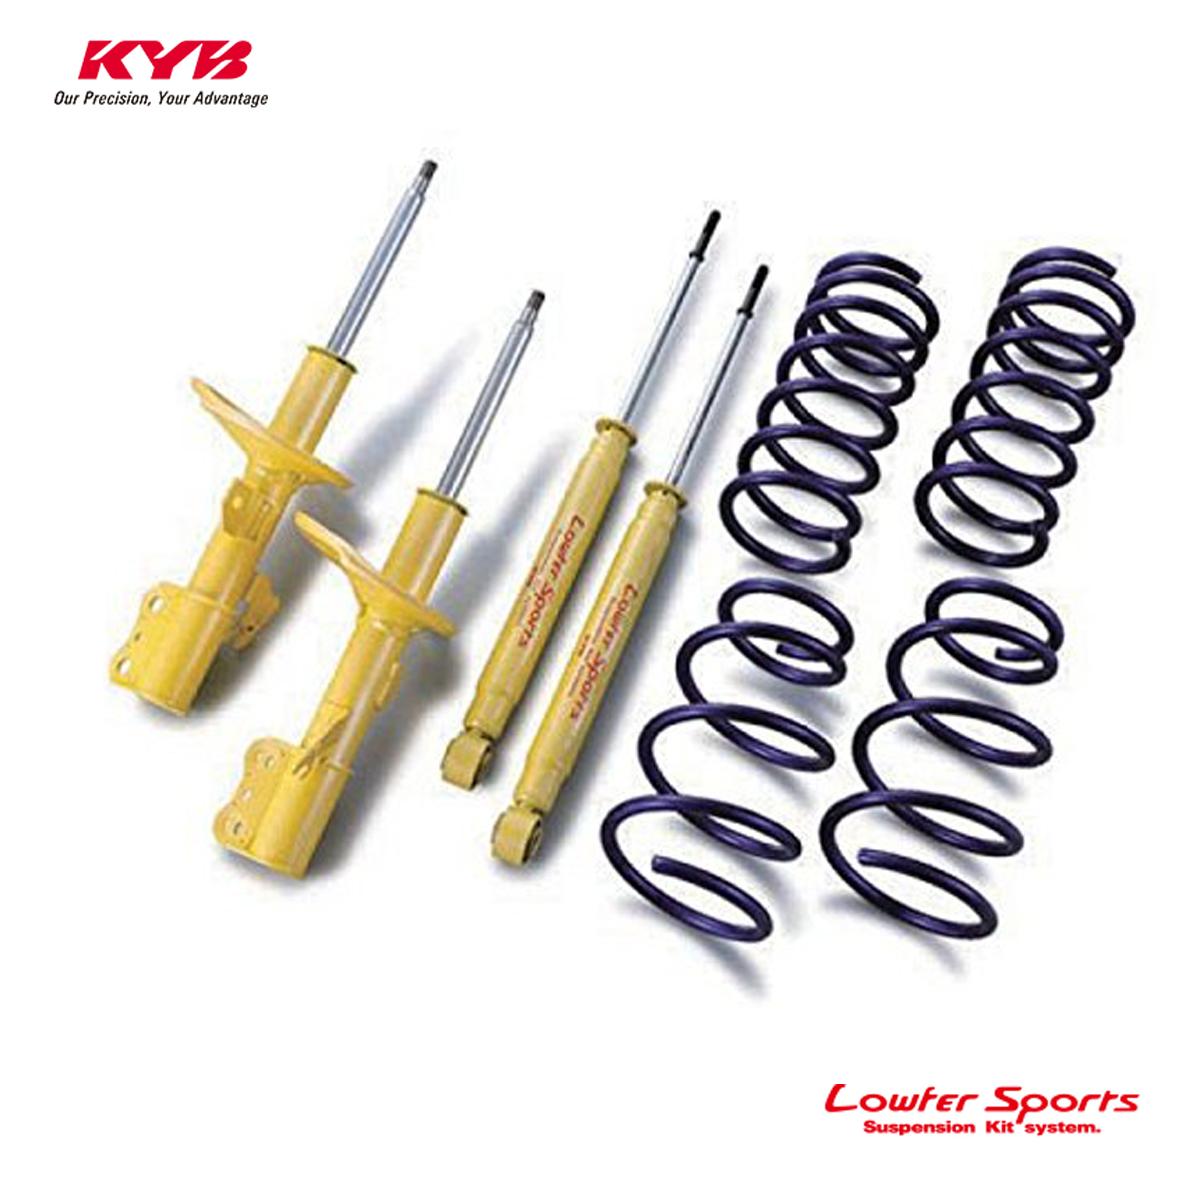 KYB カヤバ ekワゴン H81W ショックアブソーバー サスペンションキット Lowfer Sports LKIT-H81W 配送先条件有り